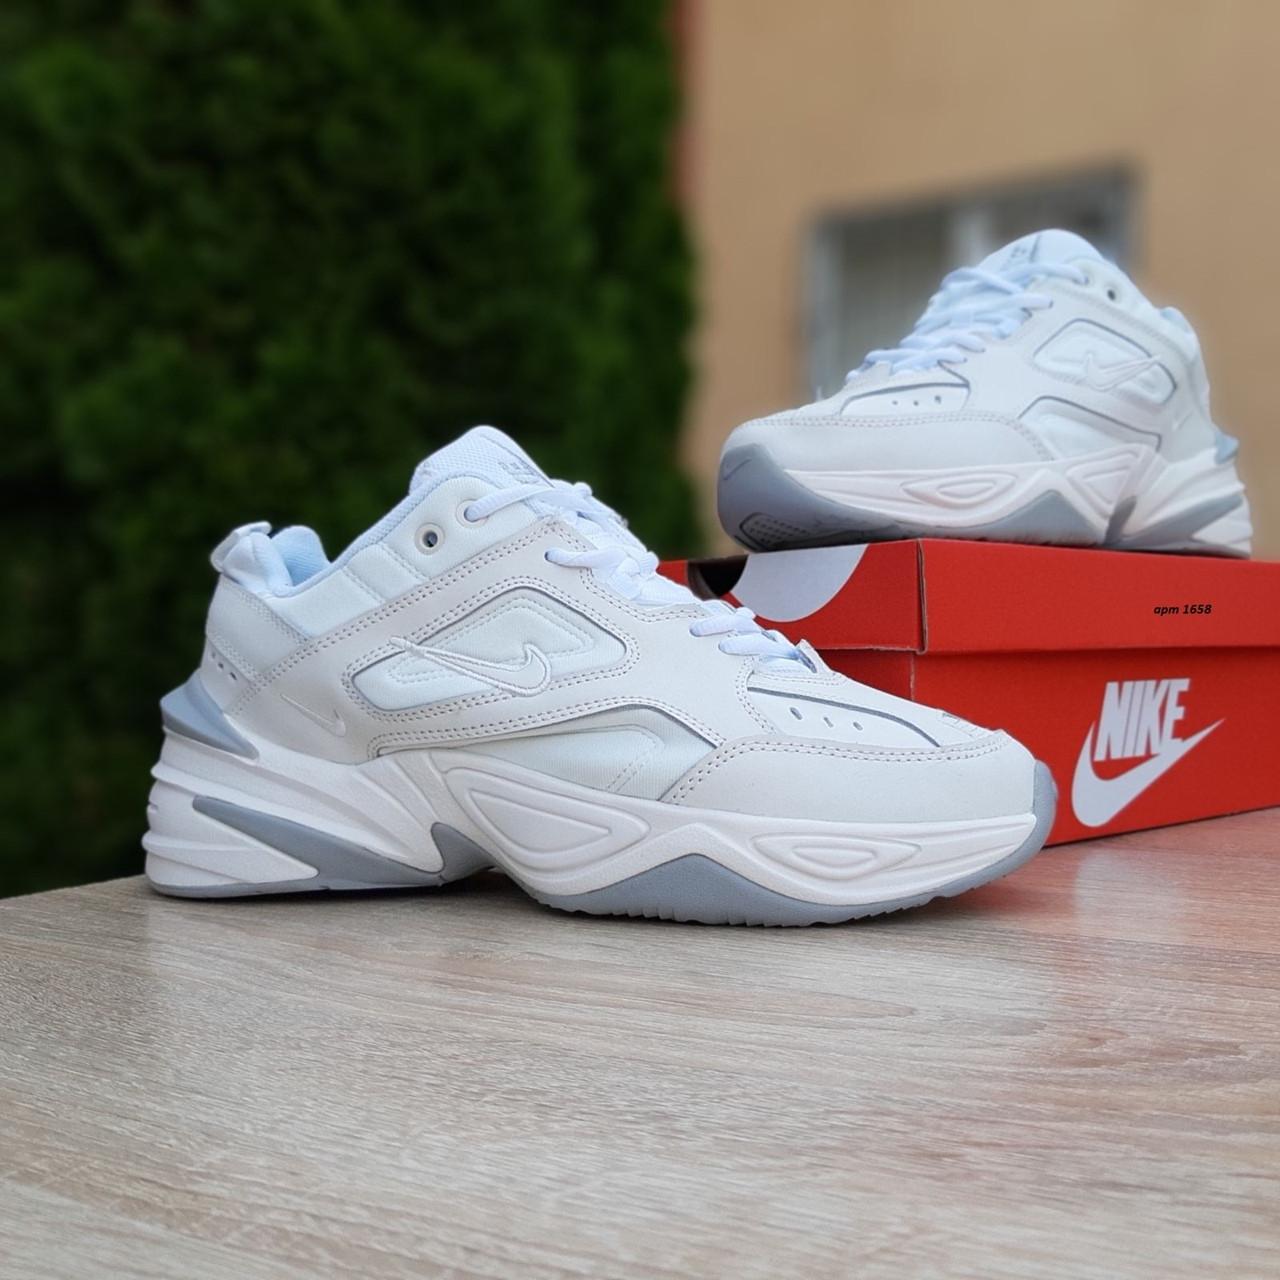 Кросівки чоловічі розпродаж АКЦІЯ 750 грн Nike 44й(28см), 45й(28,5-29см) останні розміри люкс копія